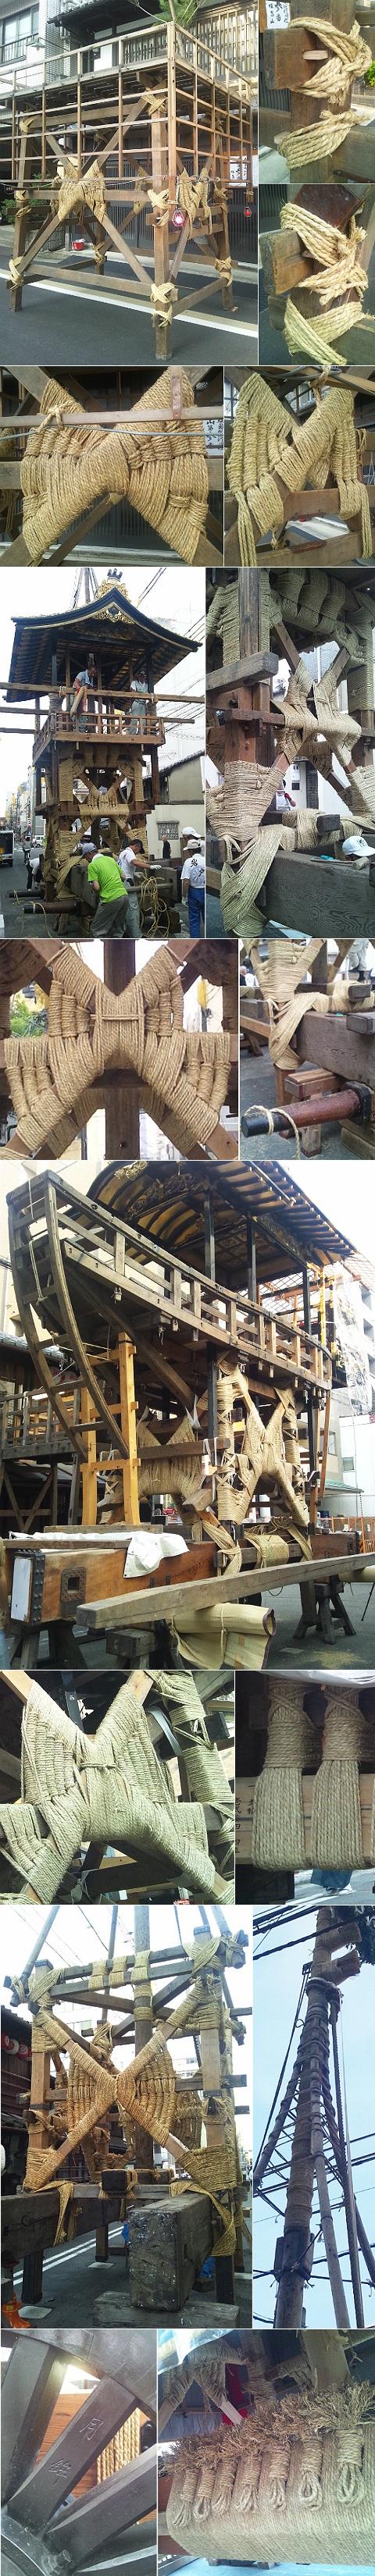 祇園祭2013_山建て鉾建て